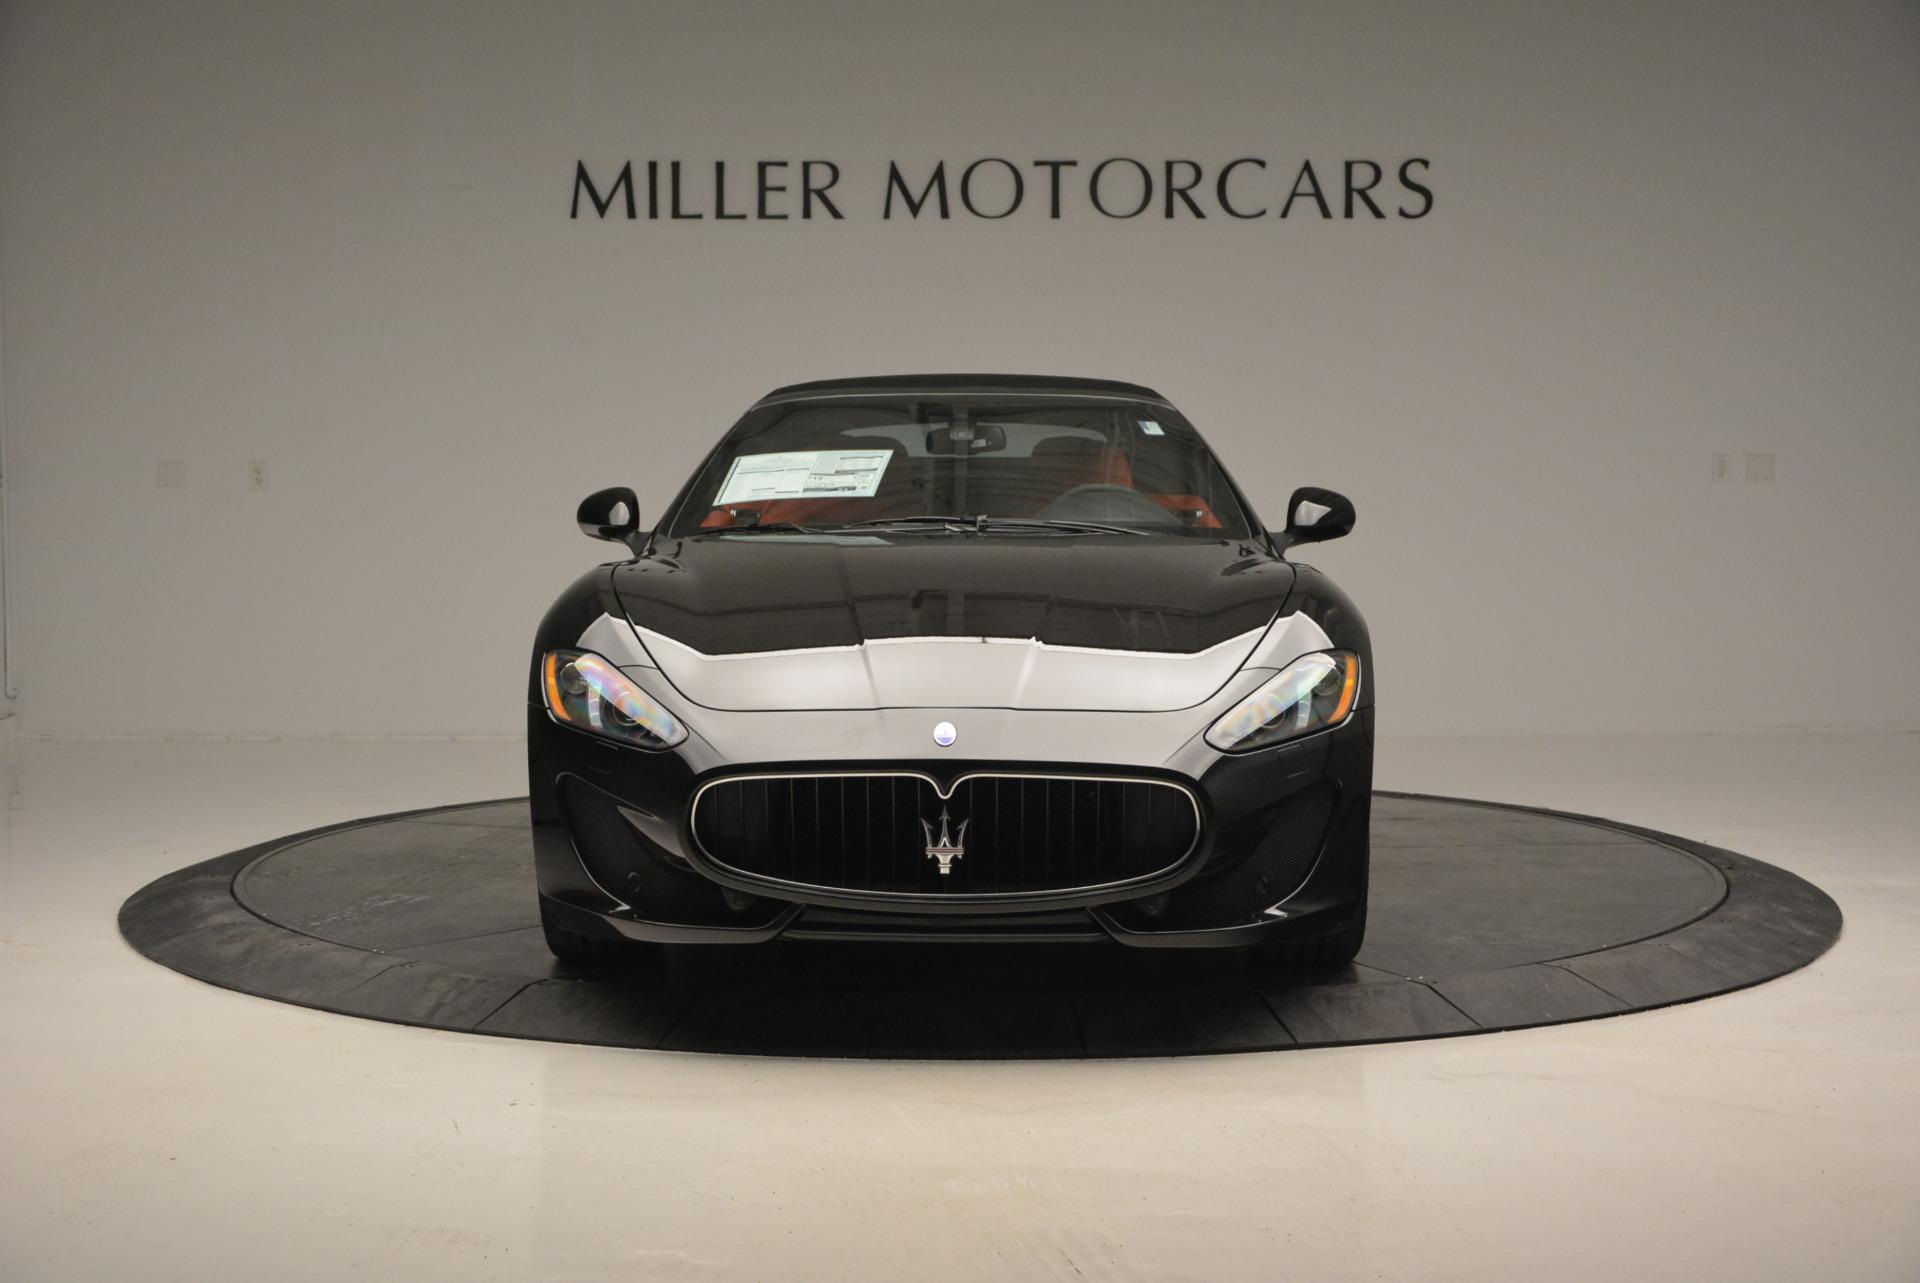 New 2017 Maserati GranTurismo Cab Sport For Sale In Westport, CT 687_p19